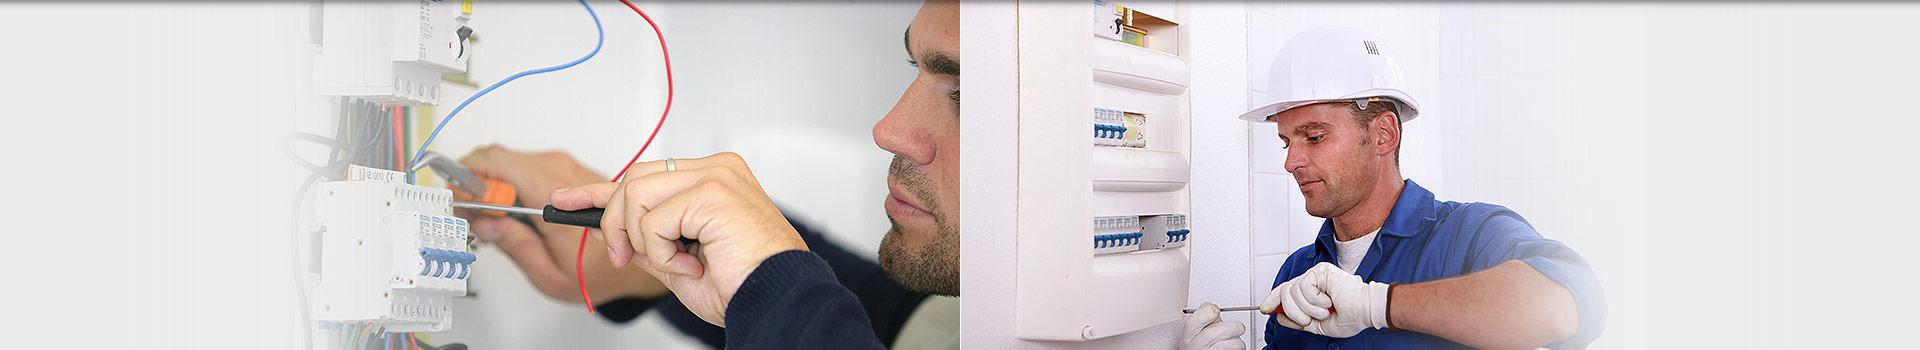 panne-electrique-electricien-intervention